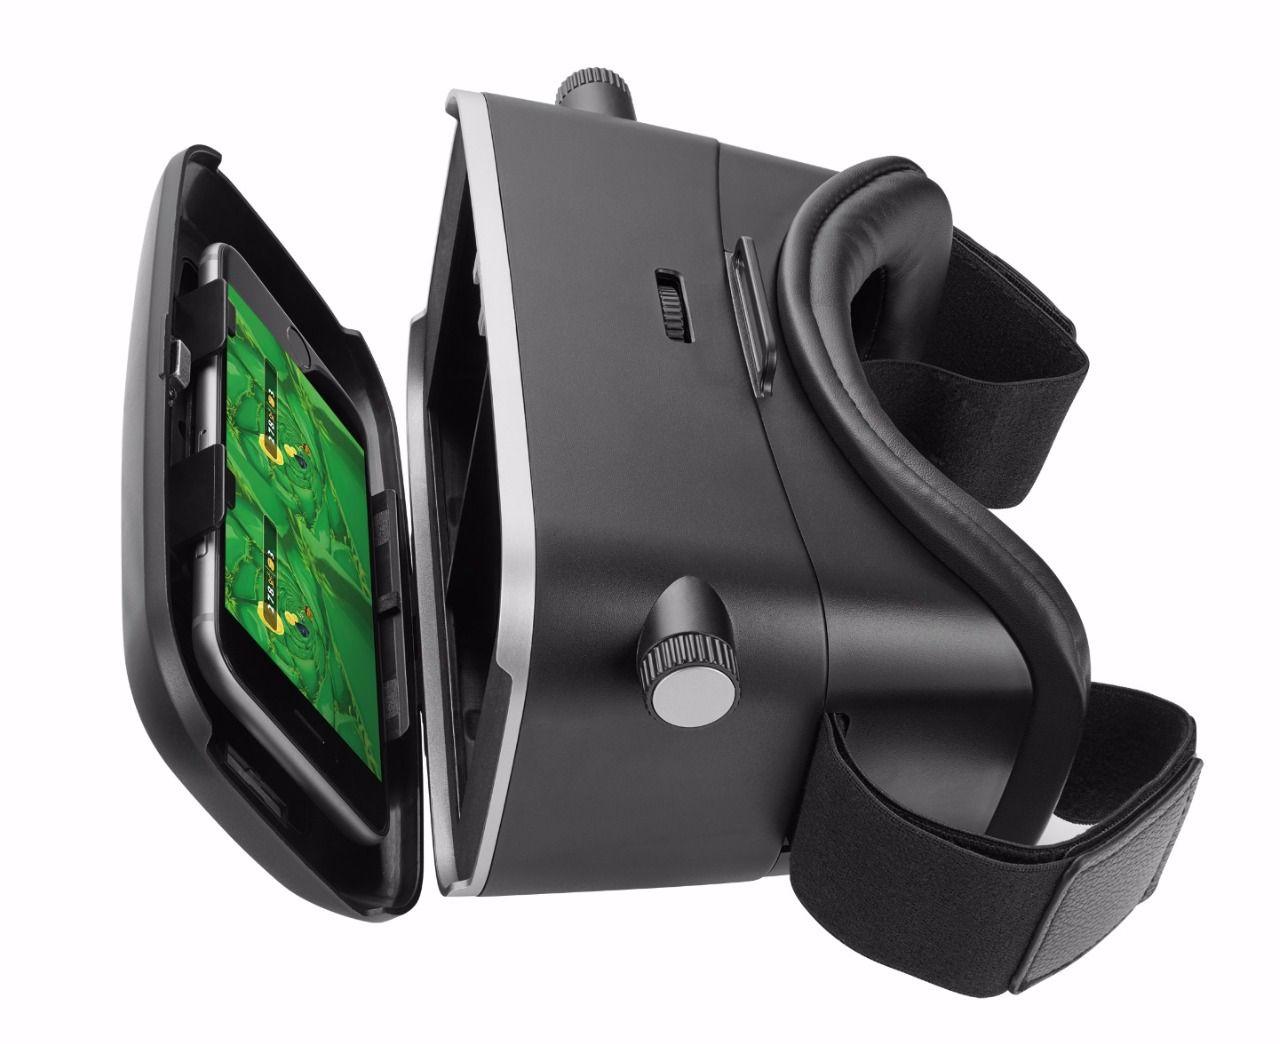 GXT 720 , la realidad virtual de Trust llega a gamers y móviles | Imagenacion